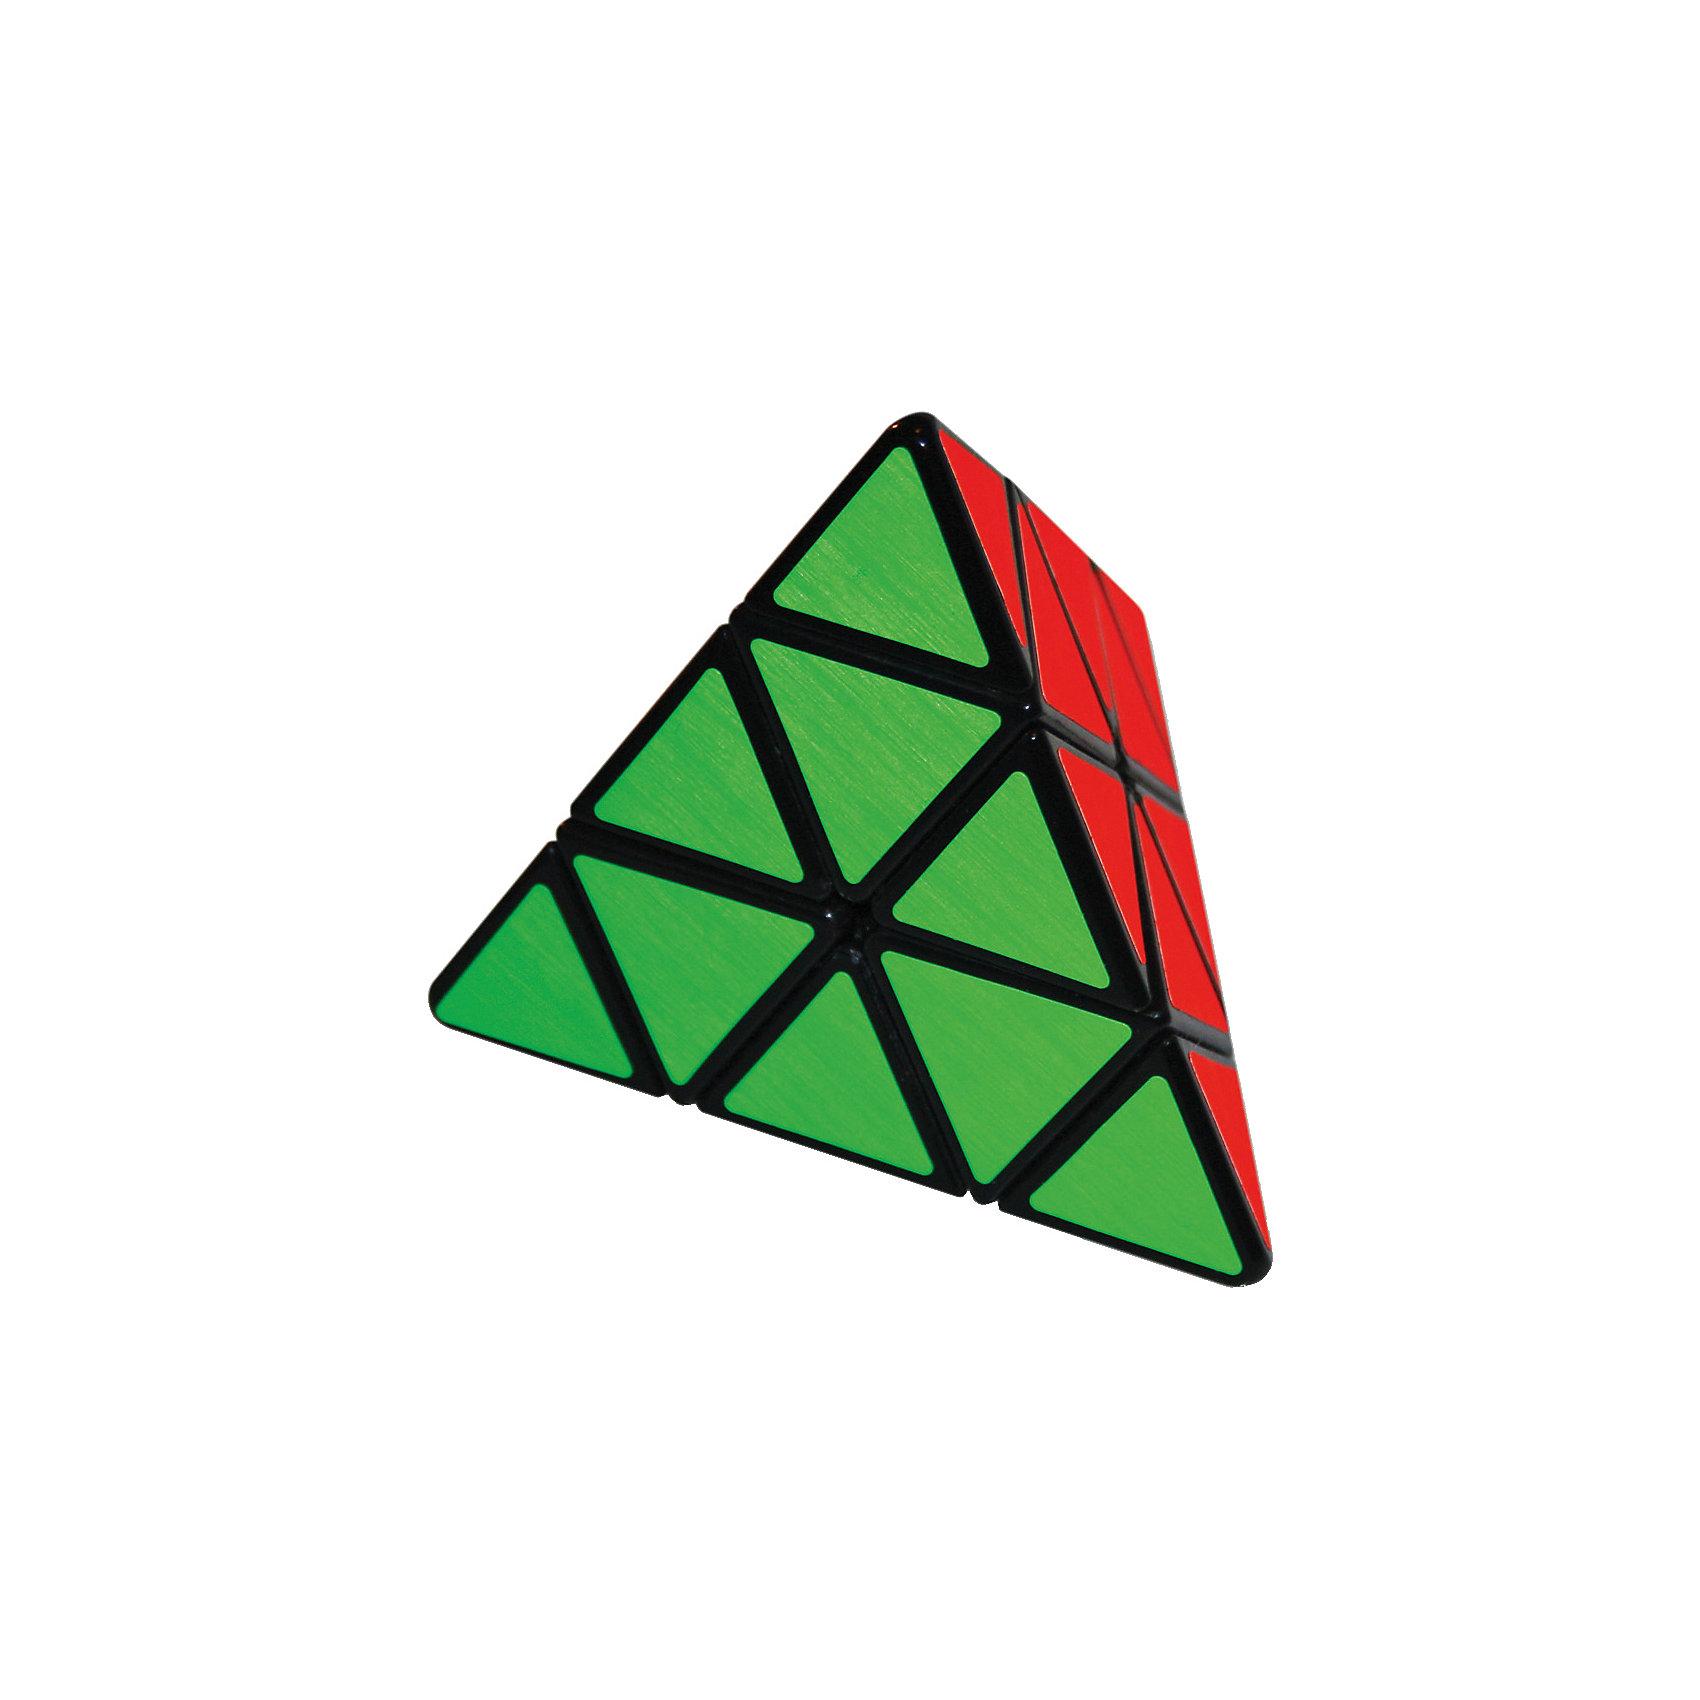 Головоломка Пирамидка, MeffertsОбъёмные головоломки<br>Mefferts Пирамидка (Mefferts Pyraminx): По лицензии знаменитого изобретателя Uwe Meffert, супер-качественная головоломка!<br><br>Известная механическая головоломка с 4-мя сторонами разного цвета. Предшественник кубика Рубика (появилась раньше!).<br><br>Цель - собрать все элементы одного цвета на одной стороне. <br><br>Пирамидка представляет собой геометрическое тело тетраэдр. Как и кубик Рубика, она состоит из элементов, которые при повороте граней могут перемешаться с грани на грань, только роль кубиков вдесь выполняют маленькие тетраэдры, из которых и сложен большой тетраэдр. Пирамидка похожа на кубик Рубика, однако значительно проще и для сборки потребуются другие алгоритмы. Каждый поворот - это вращение элементов вокруг одной из 4х осей головоломки на 120 градусов.<br><br><br>Дополнительная информация:<br><br>- Матовые виниловые наклейки с продленным сроком службы и яркими цветами сделаны в Германии по специальному заказу Mefferts.<br>- Подарочная упаковка-шестигранник.<br>- Высококачественный пластик и механизм с шариками-защёлками, обеспечивающими точную фиксацию каждого шага при вращении.<br><br>С момента появления, продано более 90 миллионов экземпляров, что ставит Пирамидку на 2-место по популярности сразу за кубиком Рубика.<br><br>Более 75 миллионов возможных комбинаций и не более 12 ходов на сборку (в теории!!). Разобравшись, вполне реально собирать Пирамидку не более чем за 20 поворотов.<br><br>Не обязательно собирать Пирамидку по цветам, можно создавать красивые симметричные узоры из комбинации цветов.<br><br>Ширина мм: 130<br>Глубина мм: 130<br>Высота мм: 115<br>Вес г: 300<br>Возраст от месяцев: 72<br>Возраст до месяцев: 1188<br>Пол: Унисекс<br>Возраст: Детский<br>SKU: 2504422